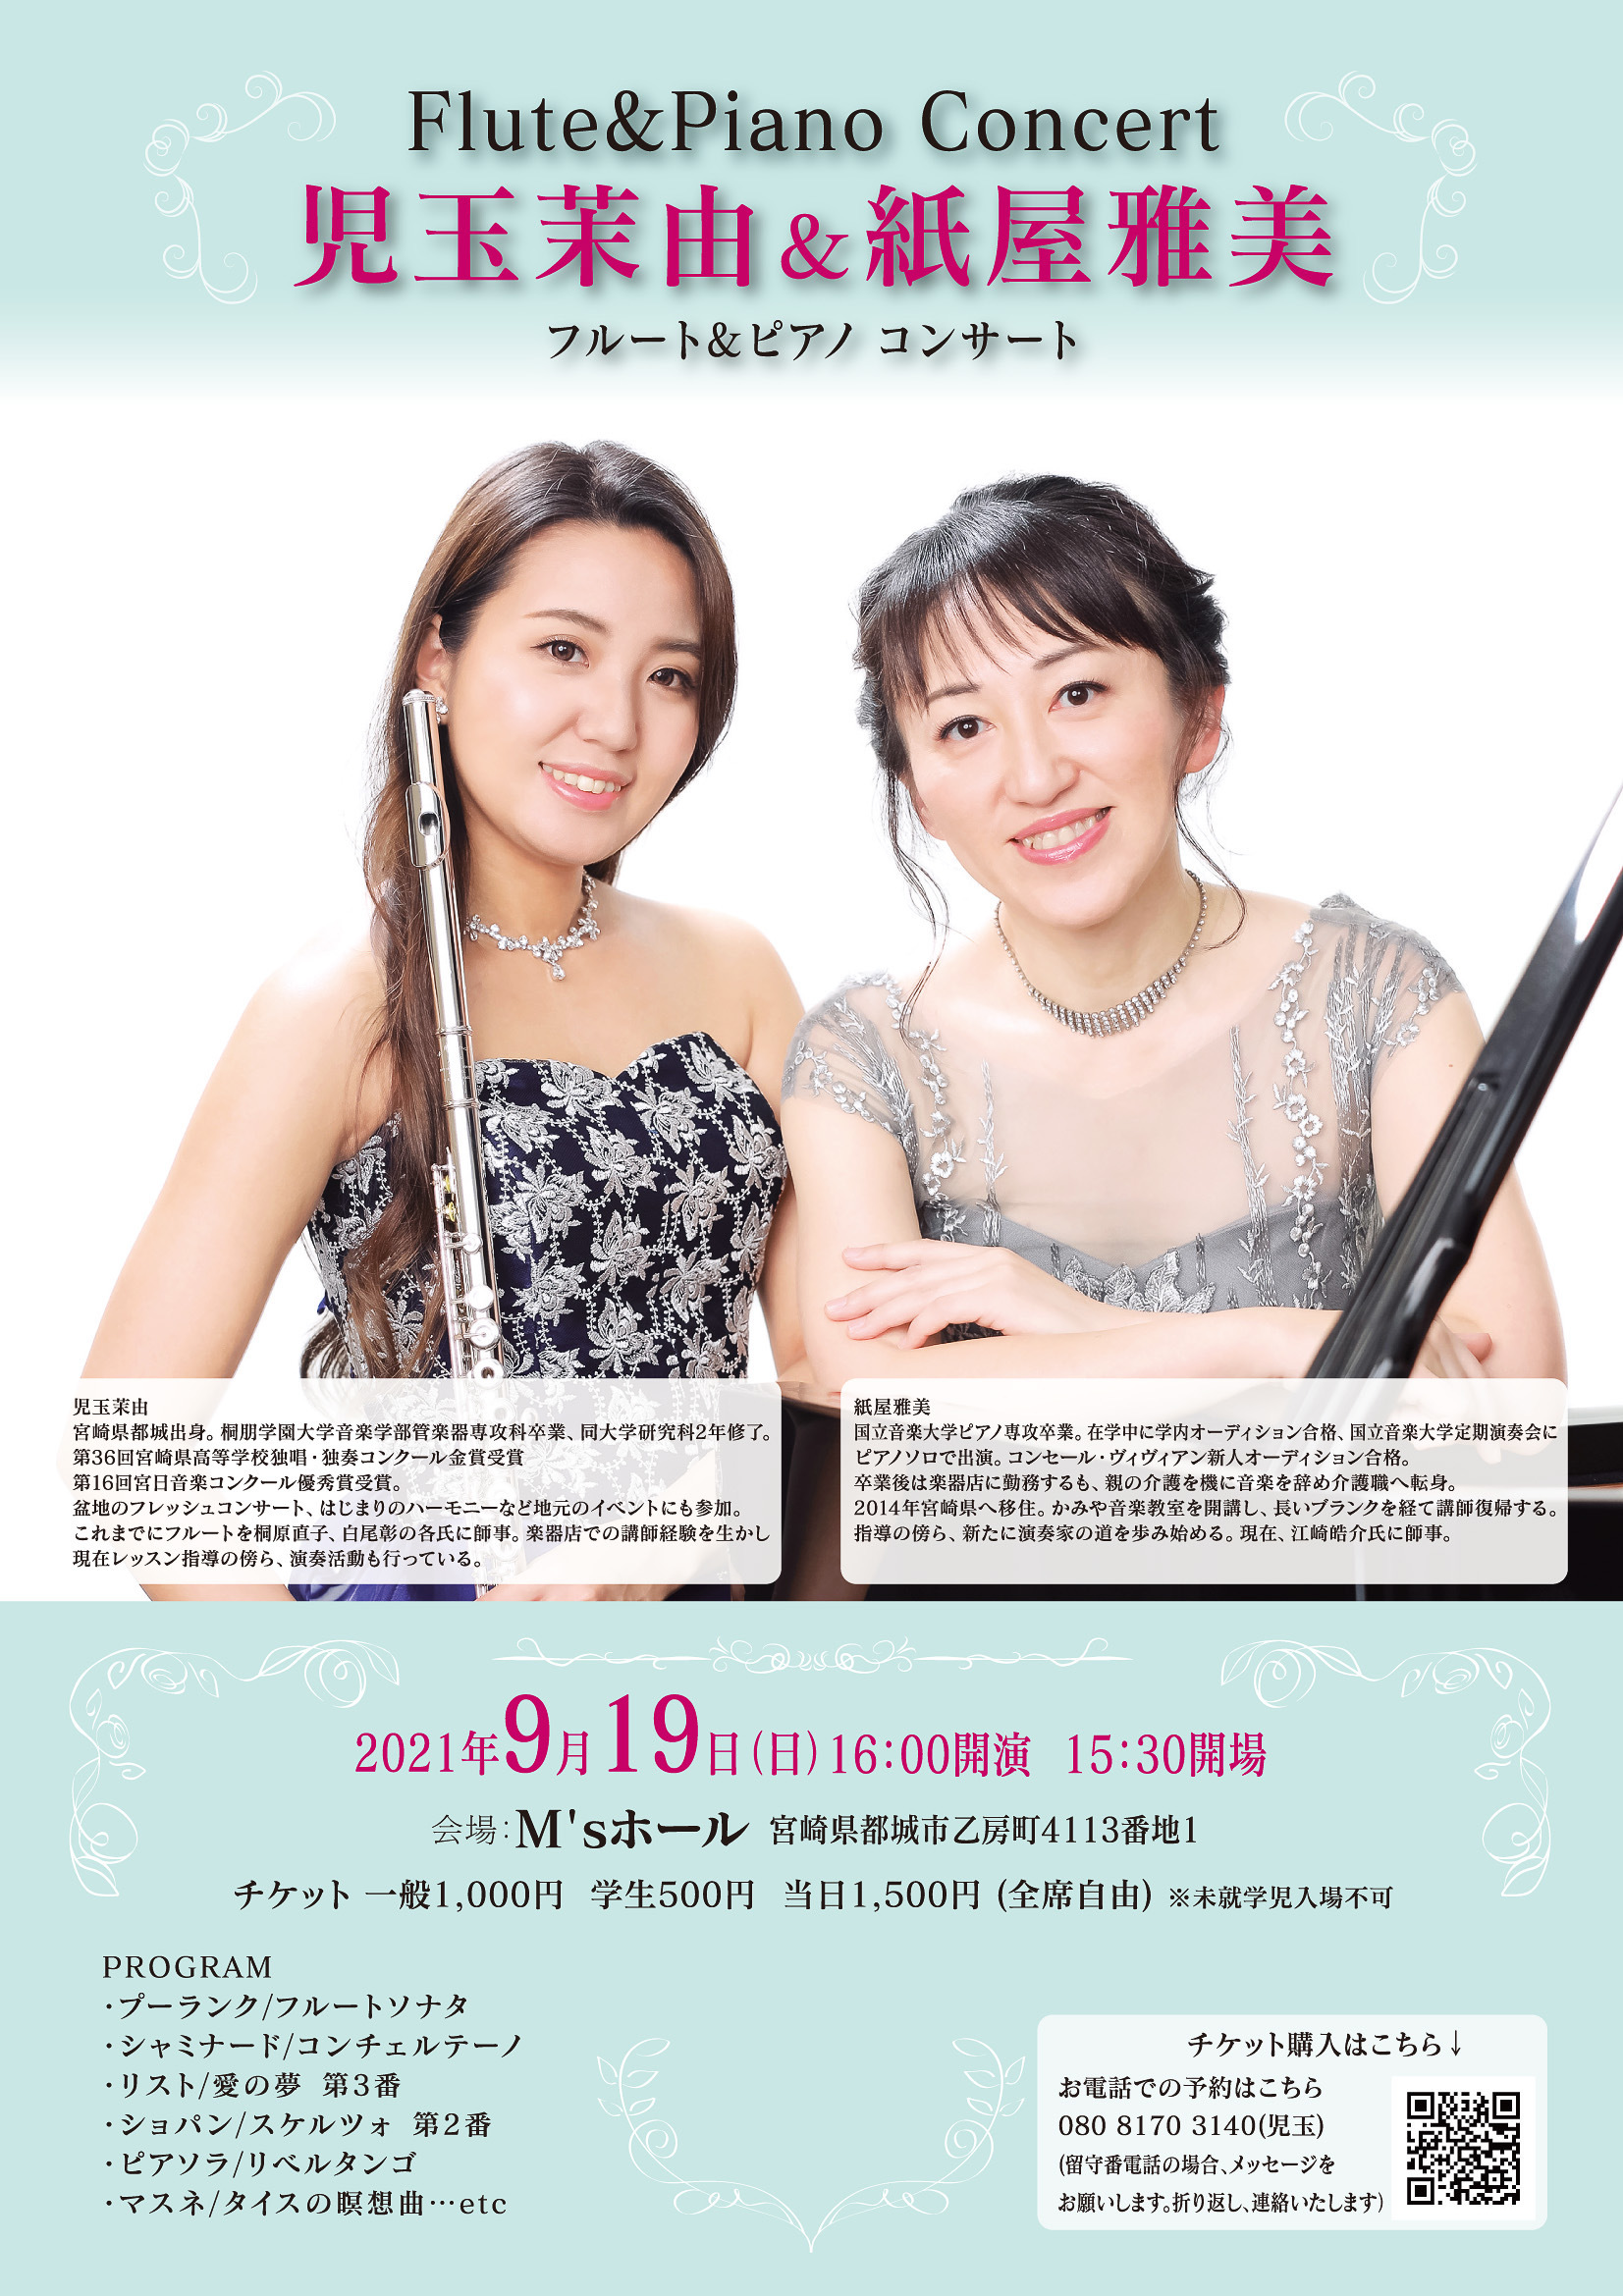 <p>フルート&ピアノコンサート</p>